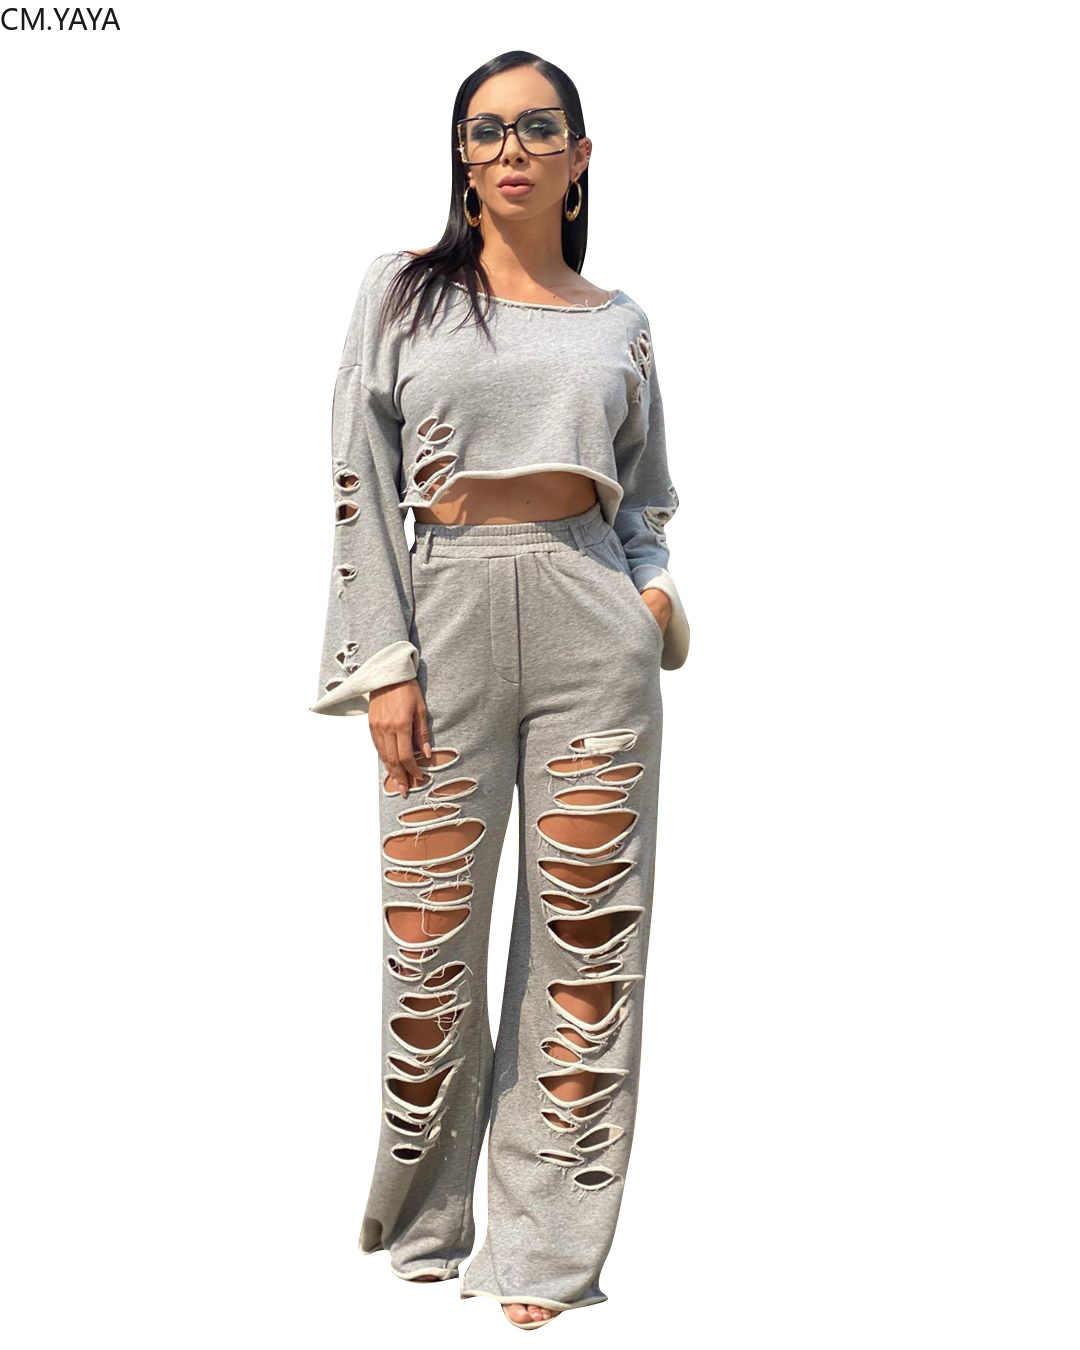 ซม.YAYAฤดูใบไม้ร่วงHollow Outผู้หญิงเสื้อแขนยาวกางเกงชุดสวมใส่ชุดสองชิ้นฟิตเนสชุด